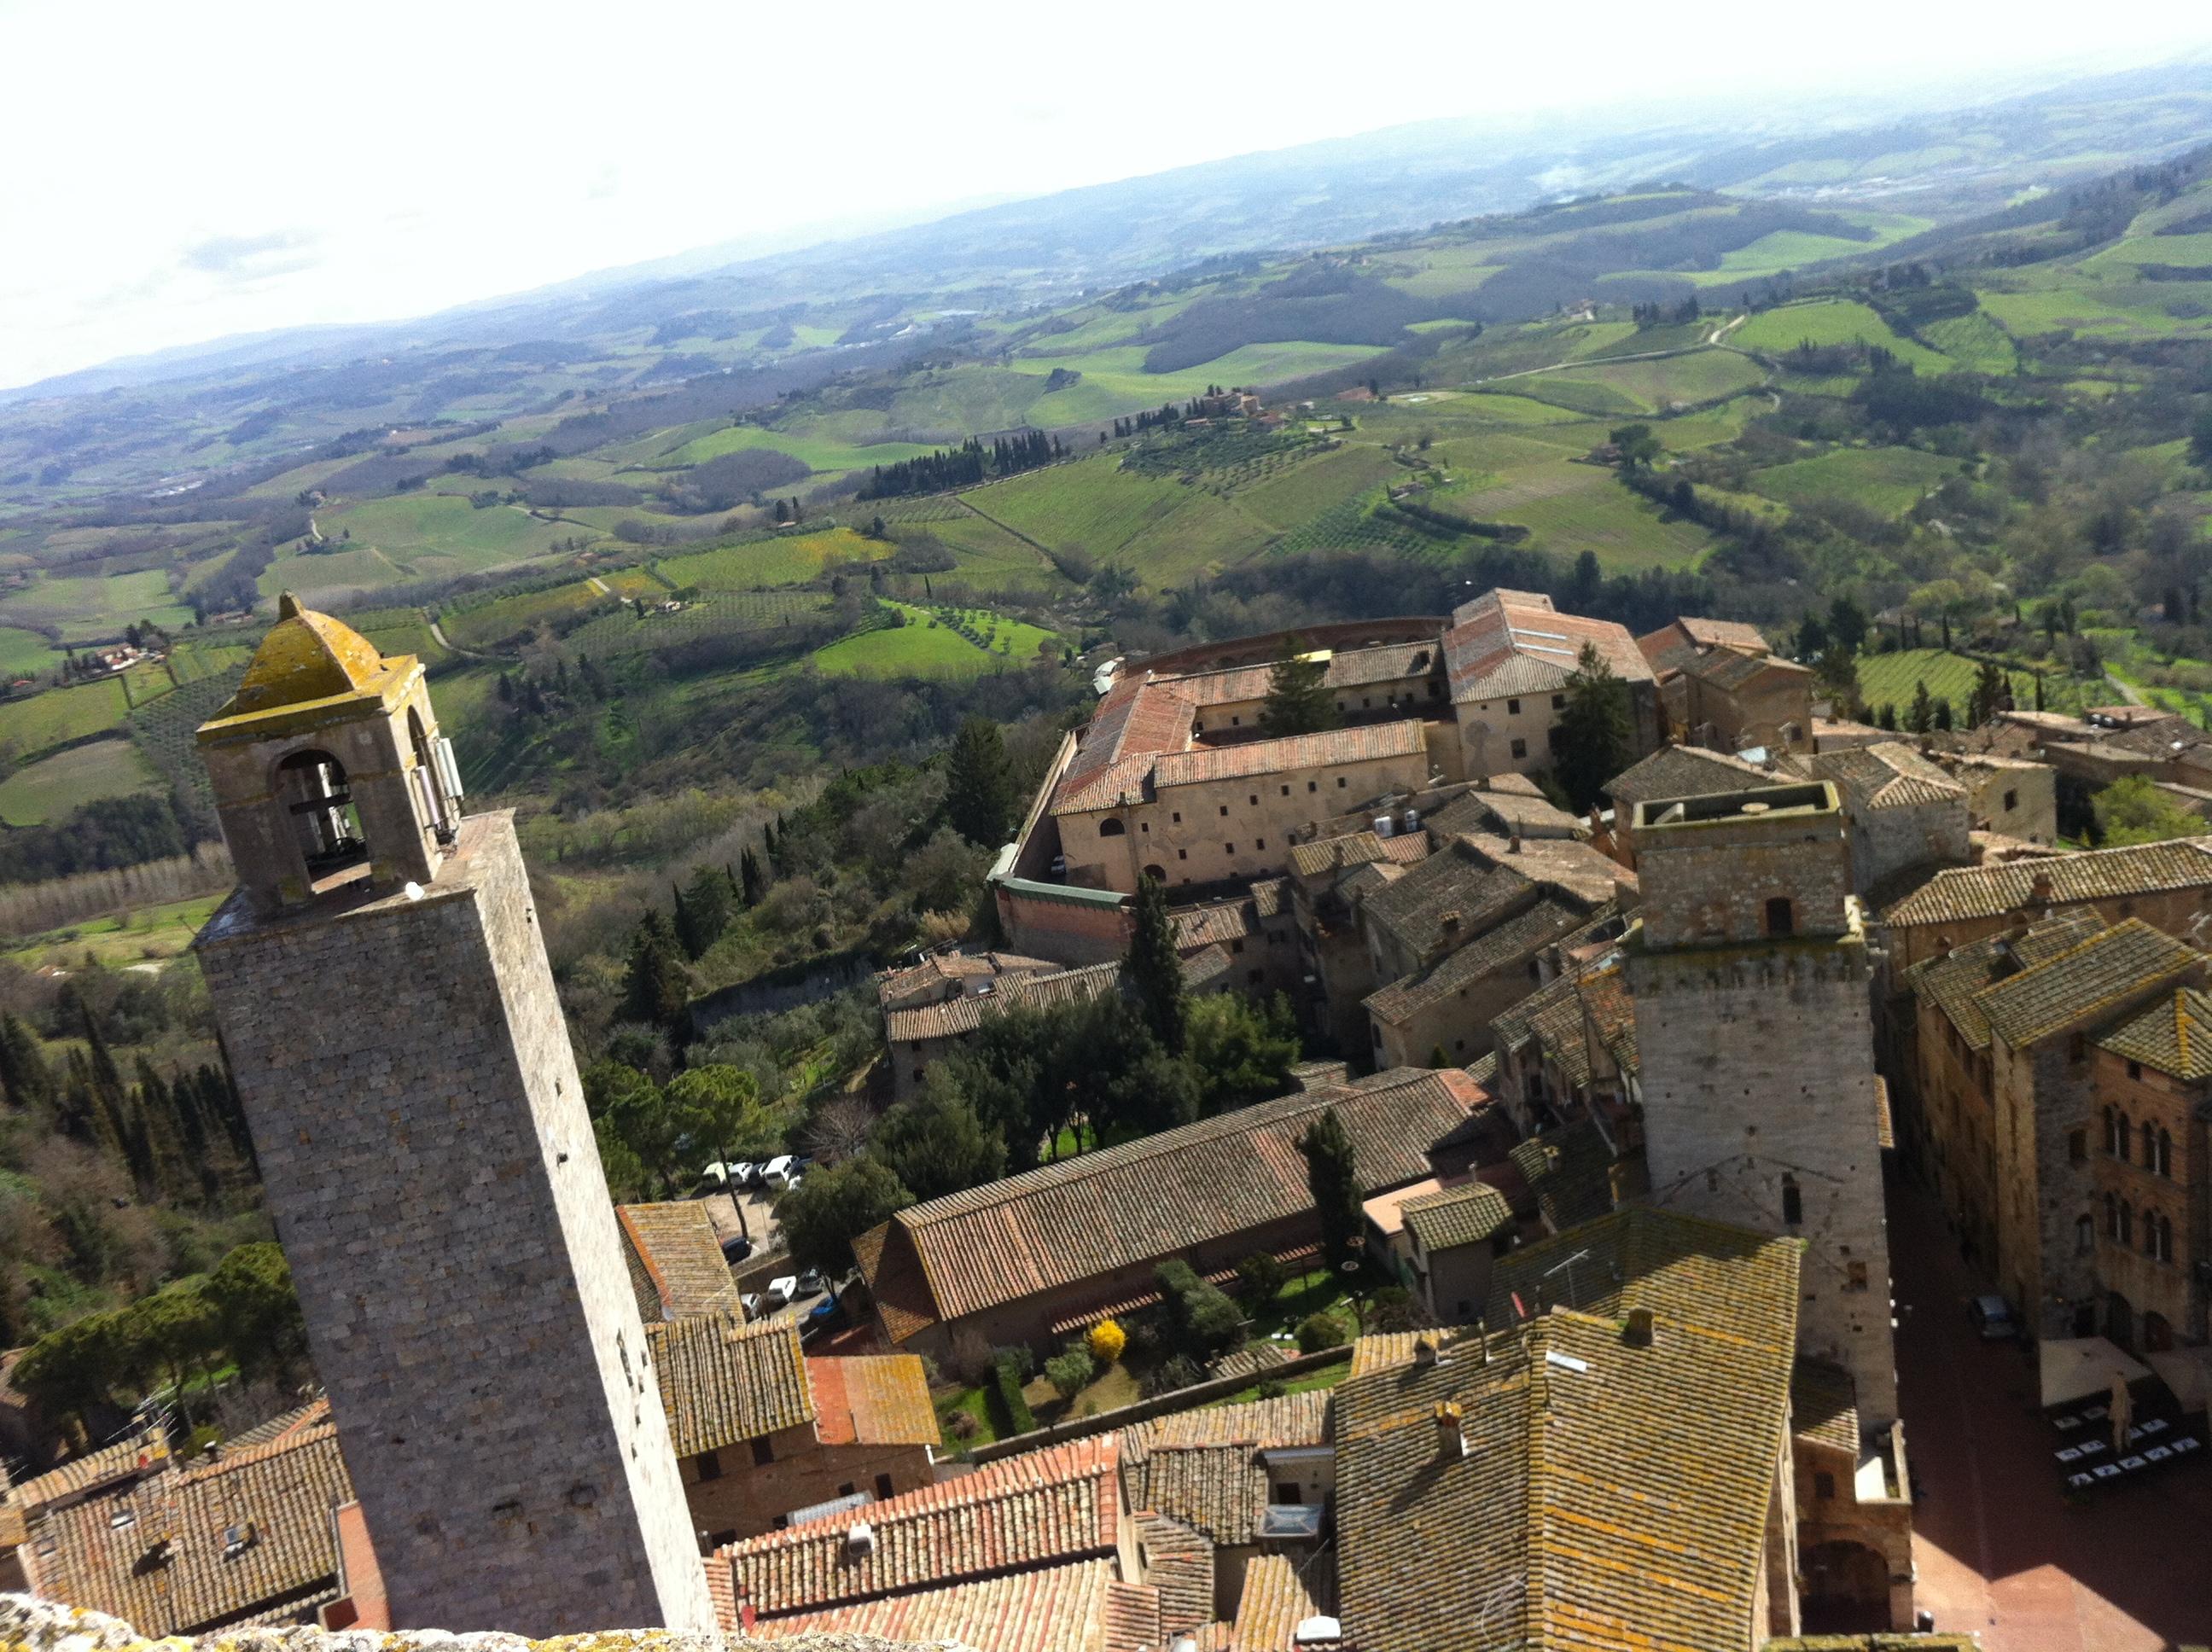 Idee per una vacanza: 4 giorni in provincia di Siena (parte III)